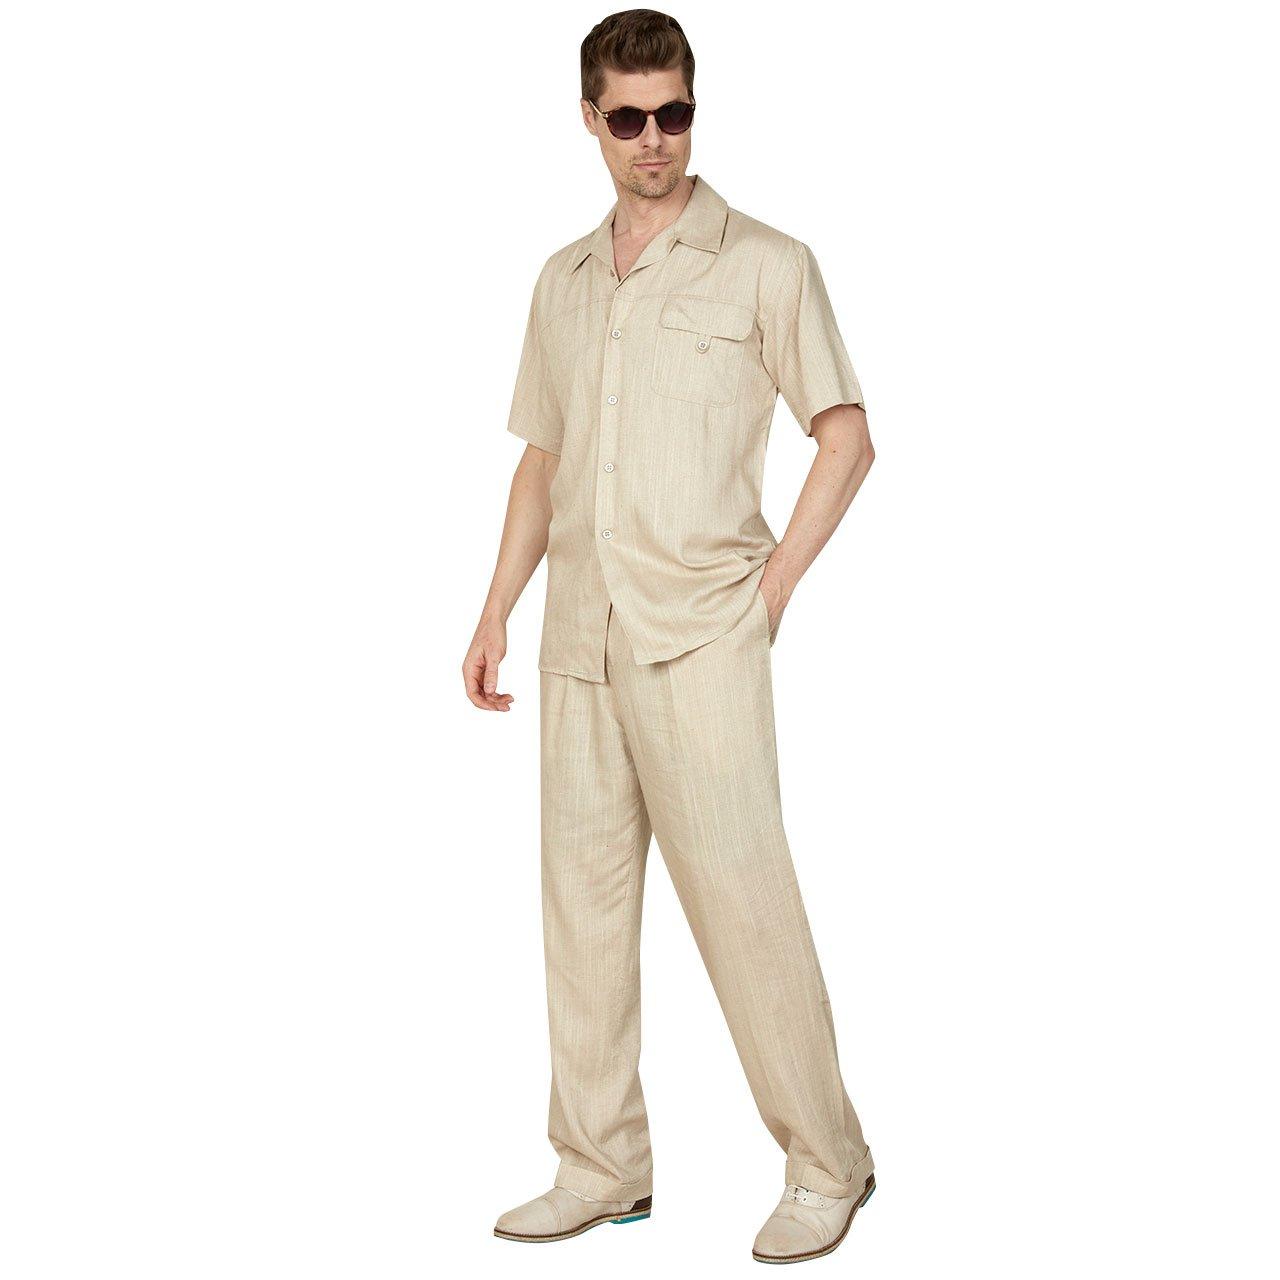 Mens Casual Linen/Cotton Blend Suit With 1-Button Flap Pocket Flap Pocket, Natural L 34/32